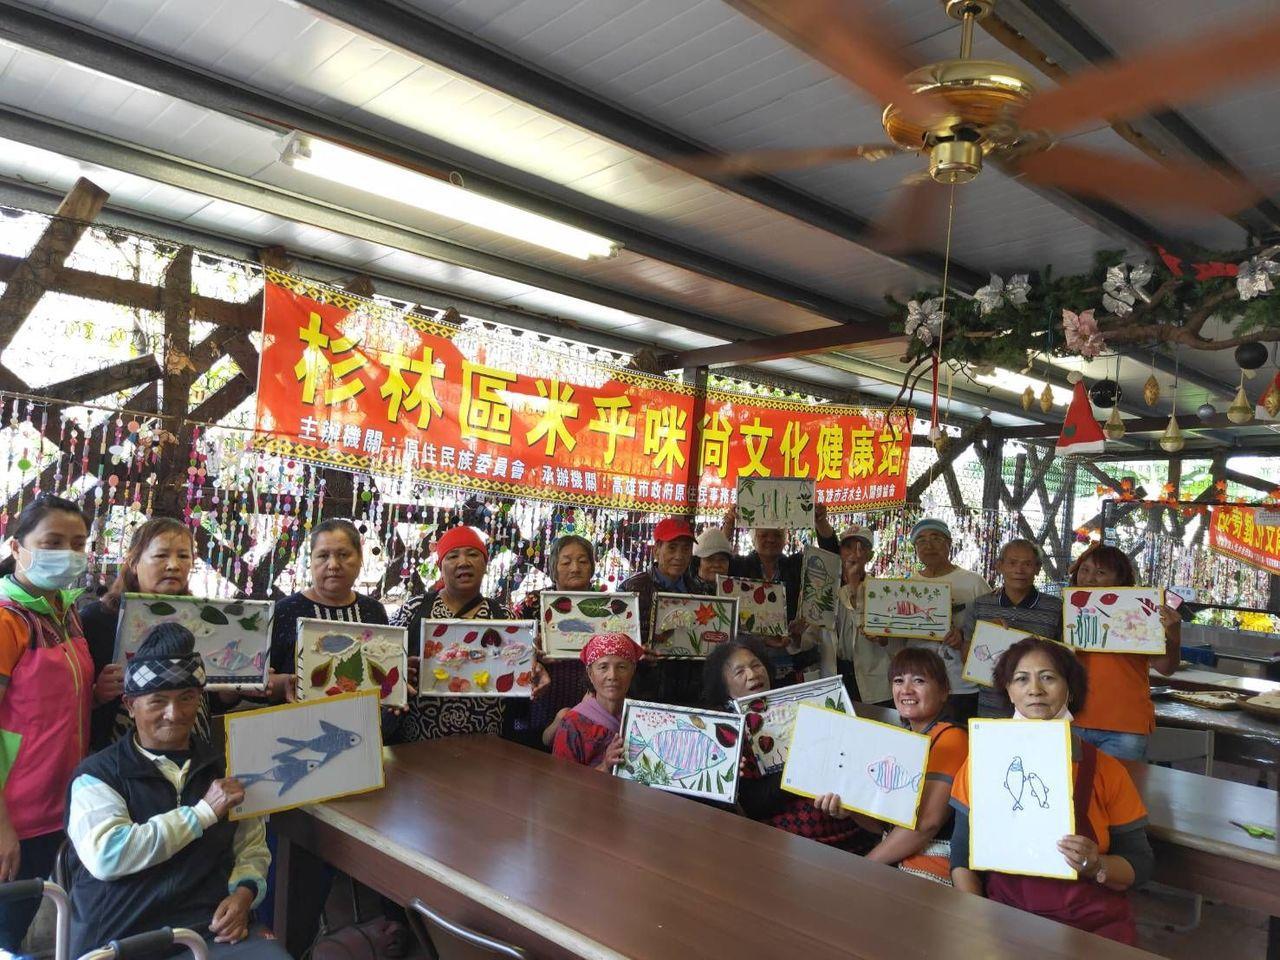 高雄大愛永久屋共有六座教堂,原民長輩聚在文化健康站上課。 記者徐白櫻/翻攝